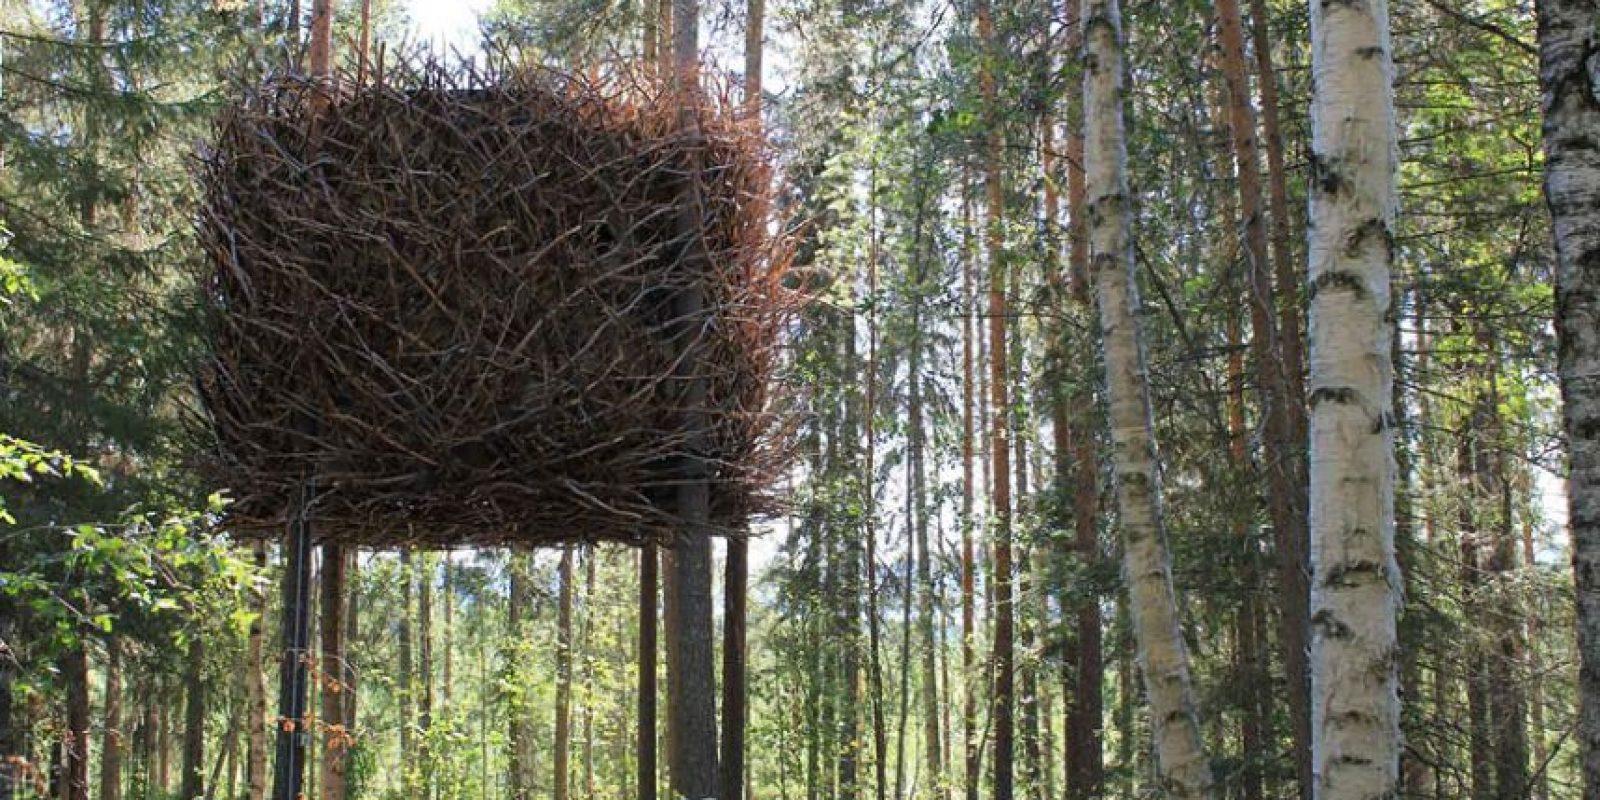 Esta casa del árbol, por los creadores del Hotel Árbol, podría confundir a las aves aún más. Aunque parece un nido gigante desde el exterior, la casa dispone de una sala moderna construida en el interior. Foto:architecturendesign.net